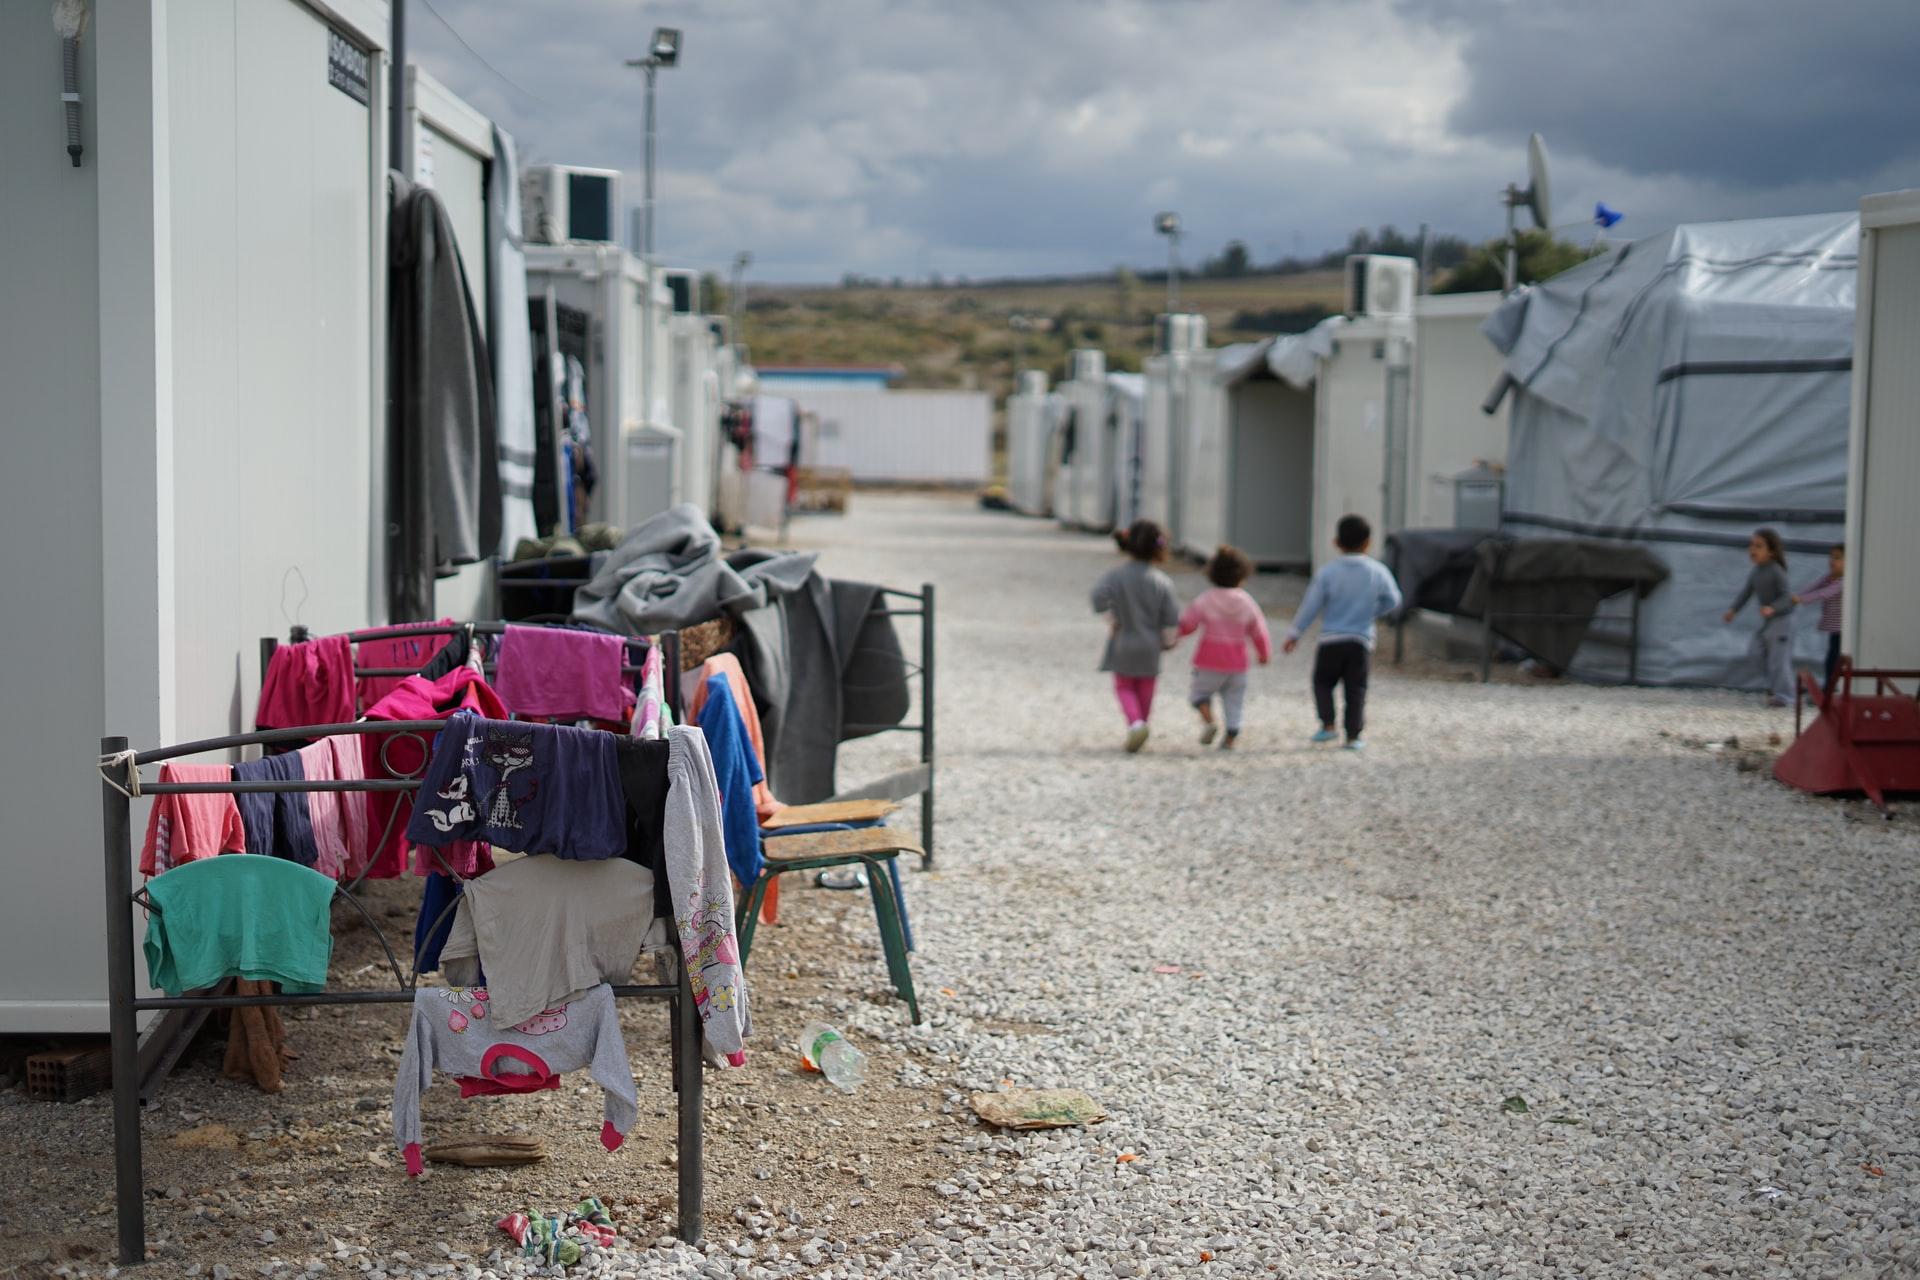 難民キャンプでの生活 支援の取り組み